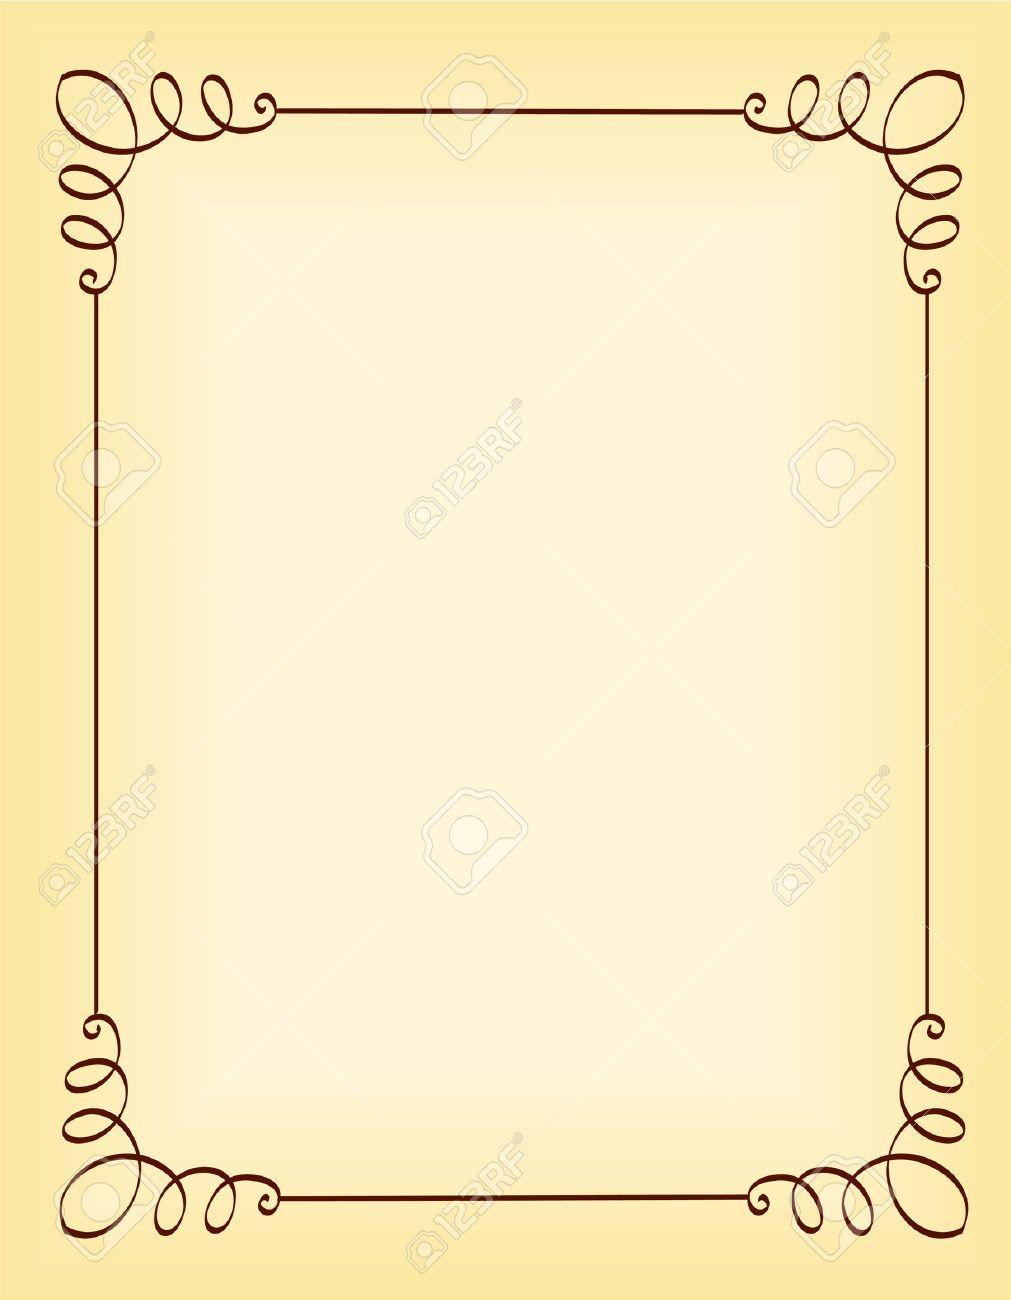 Einzigartige Dekorative Grenze / Rahmen Für Partyeinladung ...